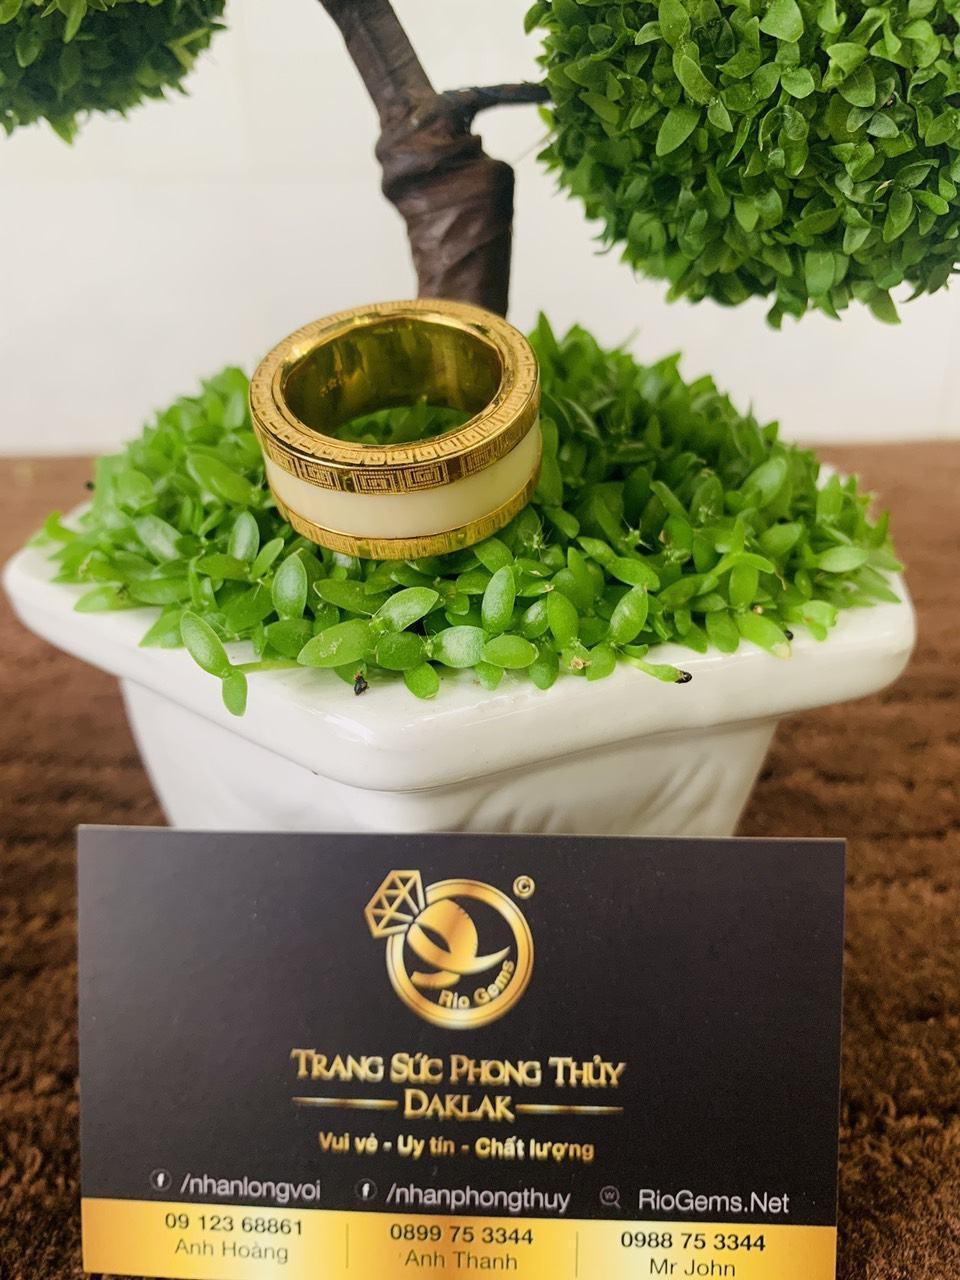 nhan phong thuy cang long chay 2 vien hoa van trang long riogems (2)